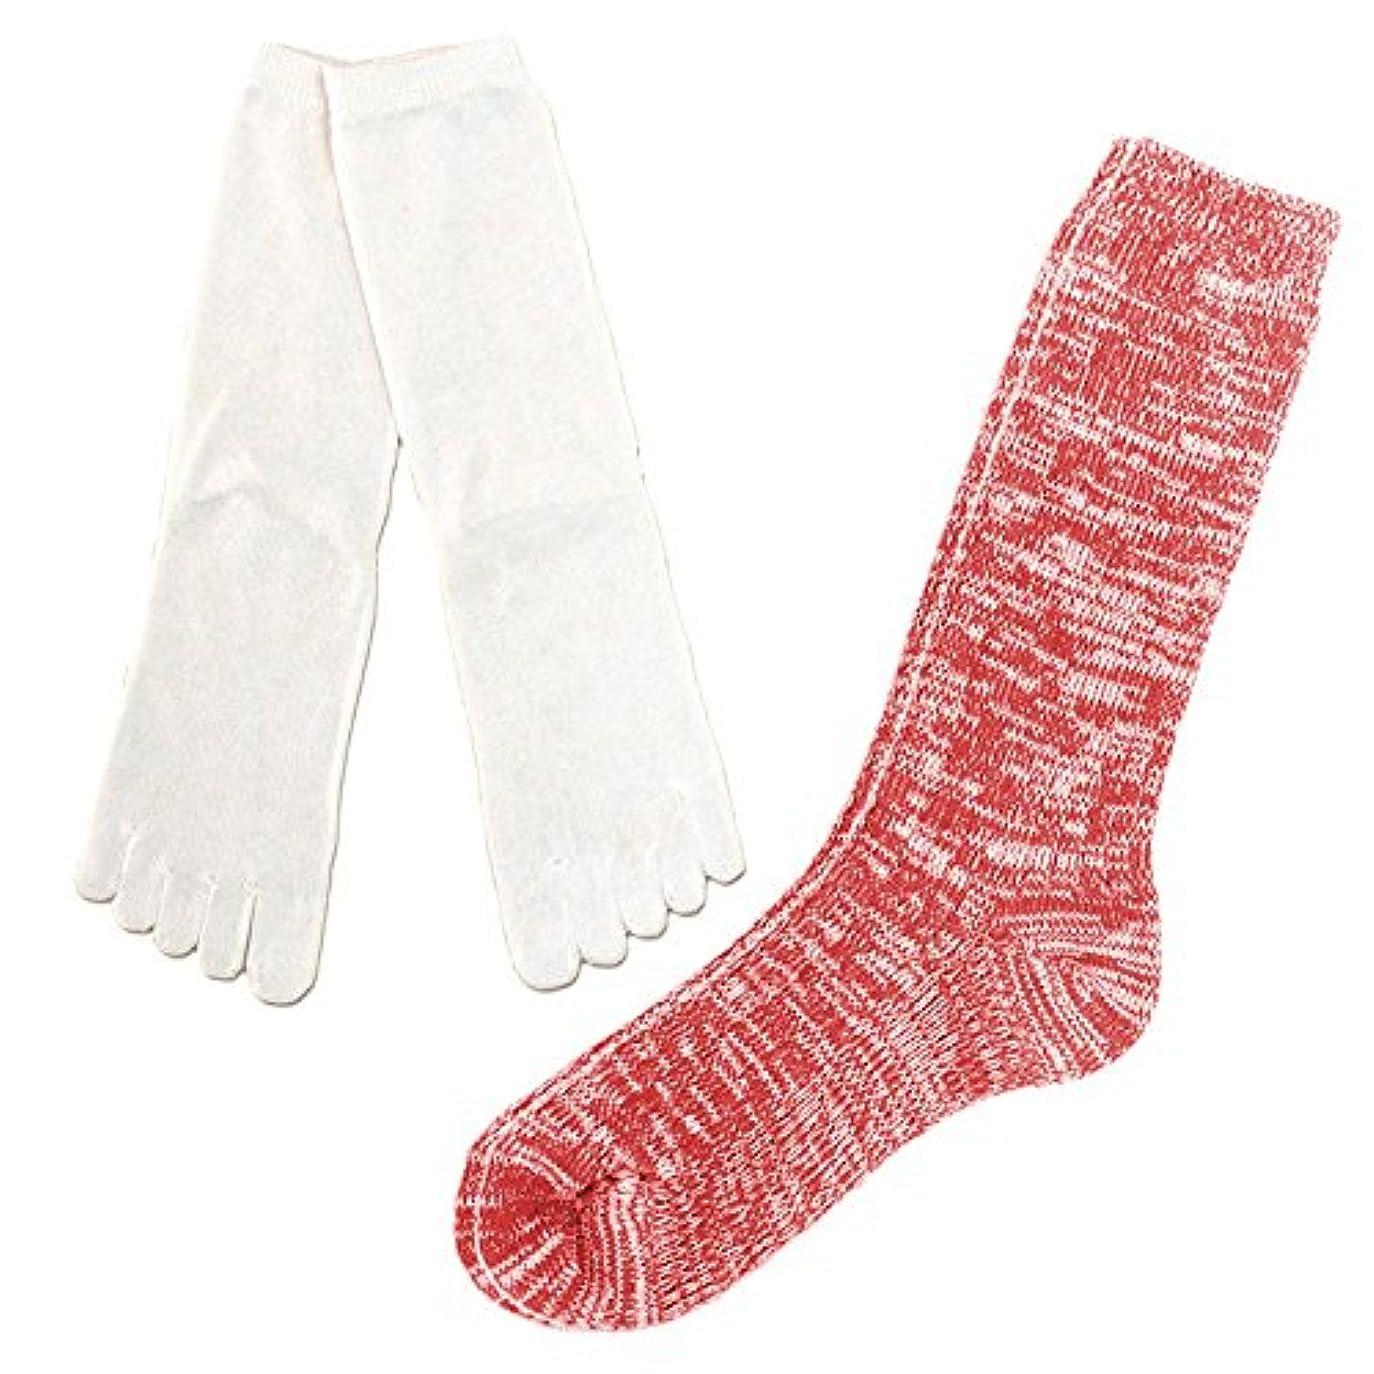 アルミニウム不確実霊シルク 5本指 & コットン リブ ソックス 冷えとり 2足セット 重ね履き 靴下 日本製 23-25cm (赤杢)